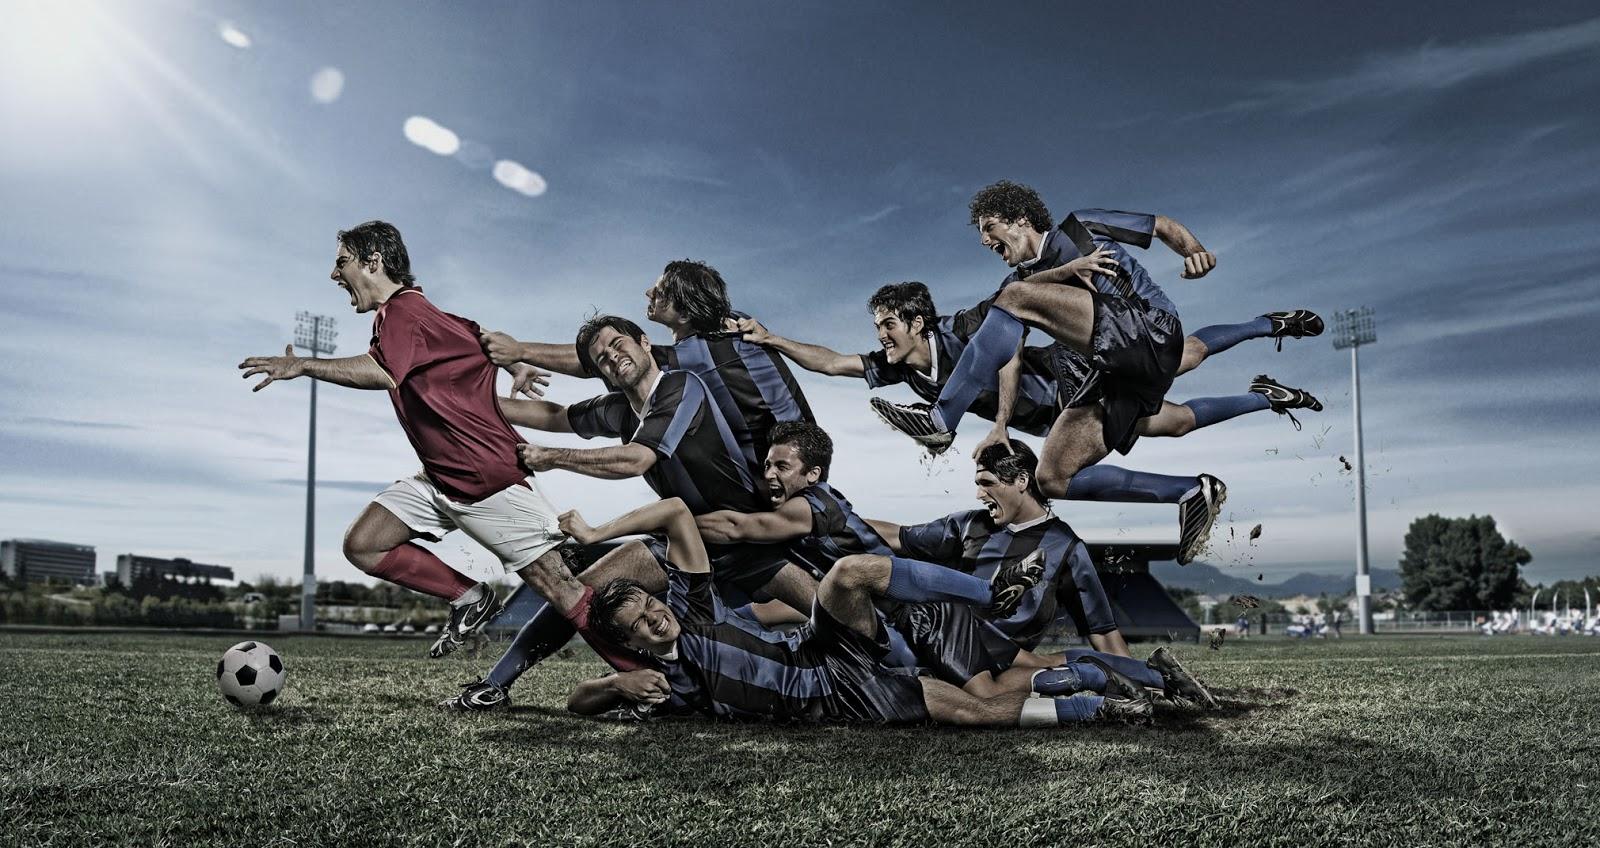 Free Wallpaper Dekstop: Sport hd wallpaper, hd sports wallpapers